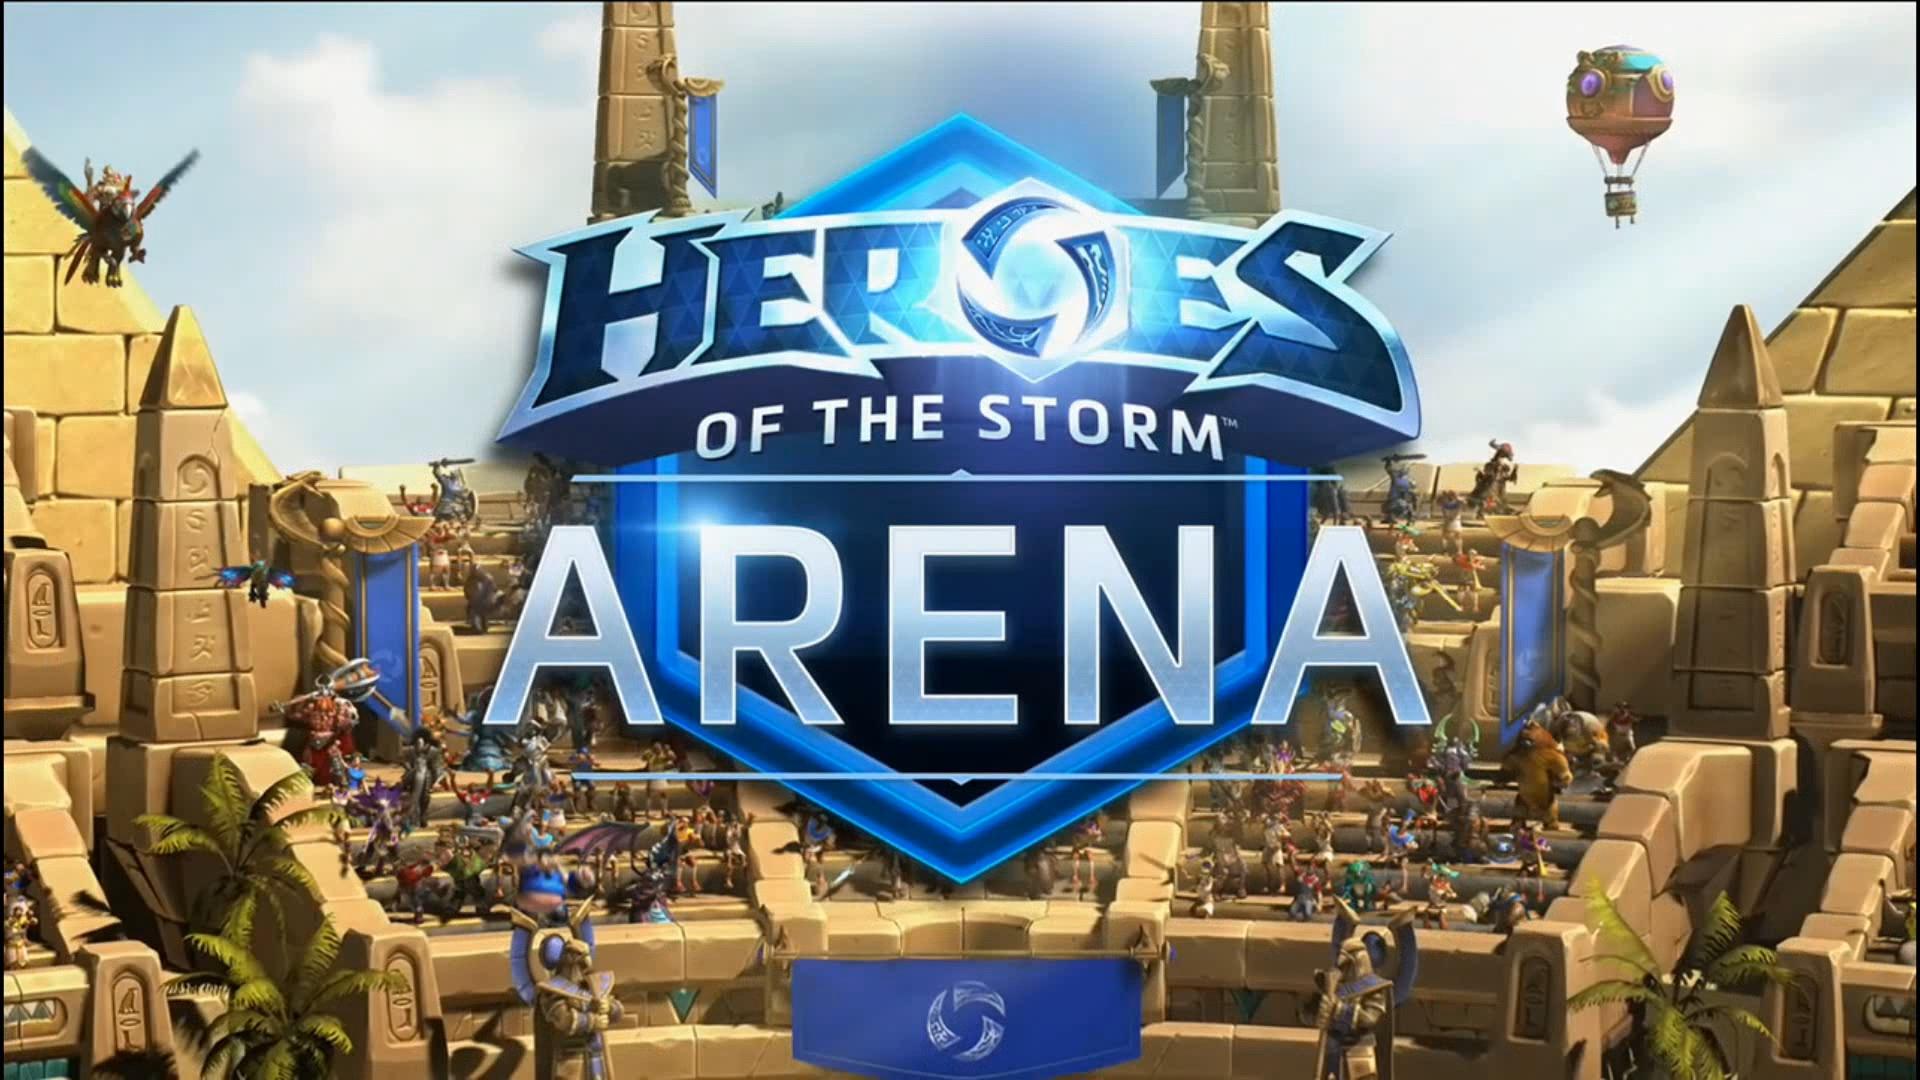 """Heroes of the Storm bekommt 3 neue Helden, 1 neue Karte und einen ziemlich irren """"Aram""""-Modus"""